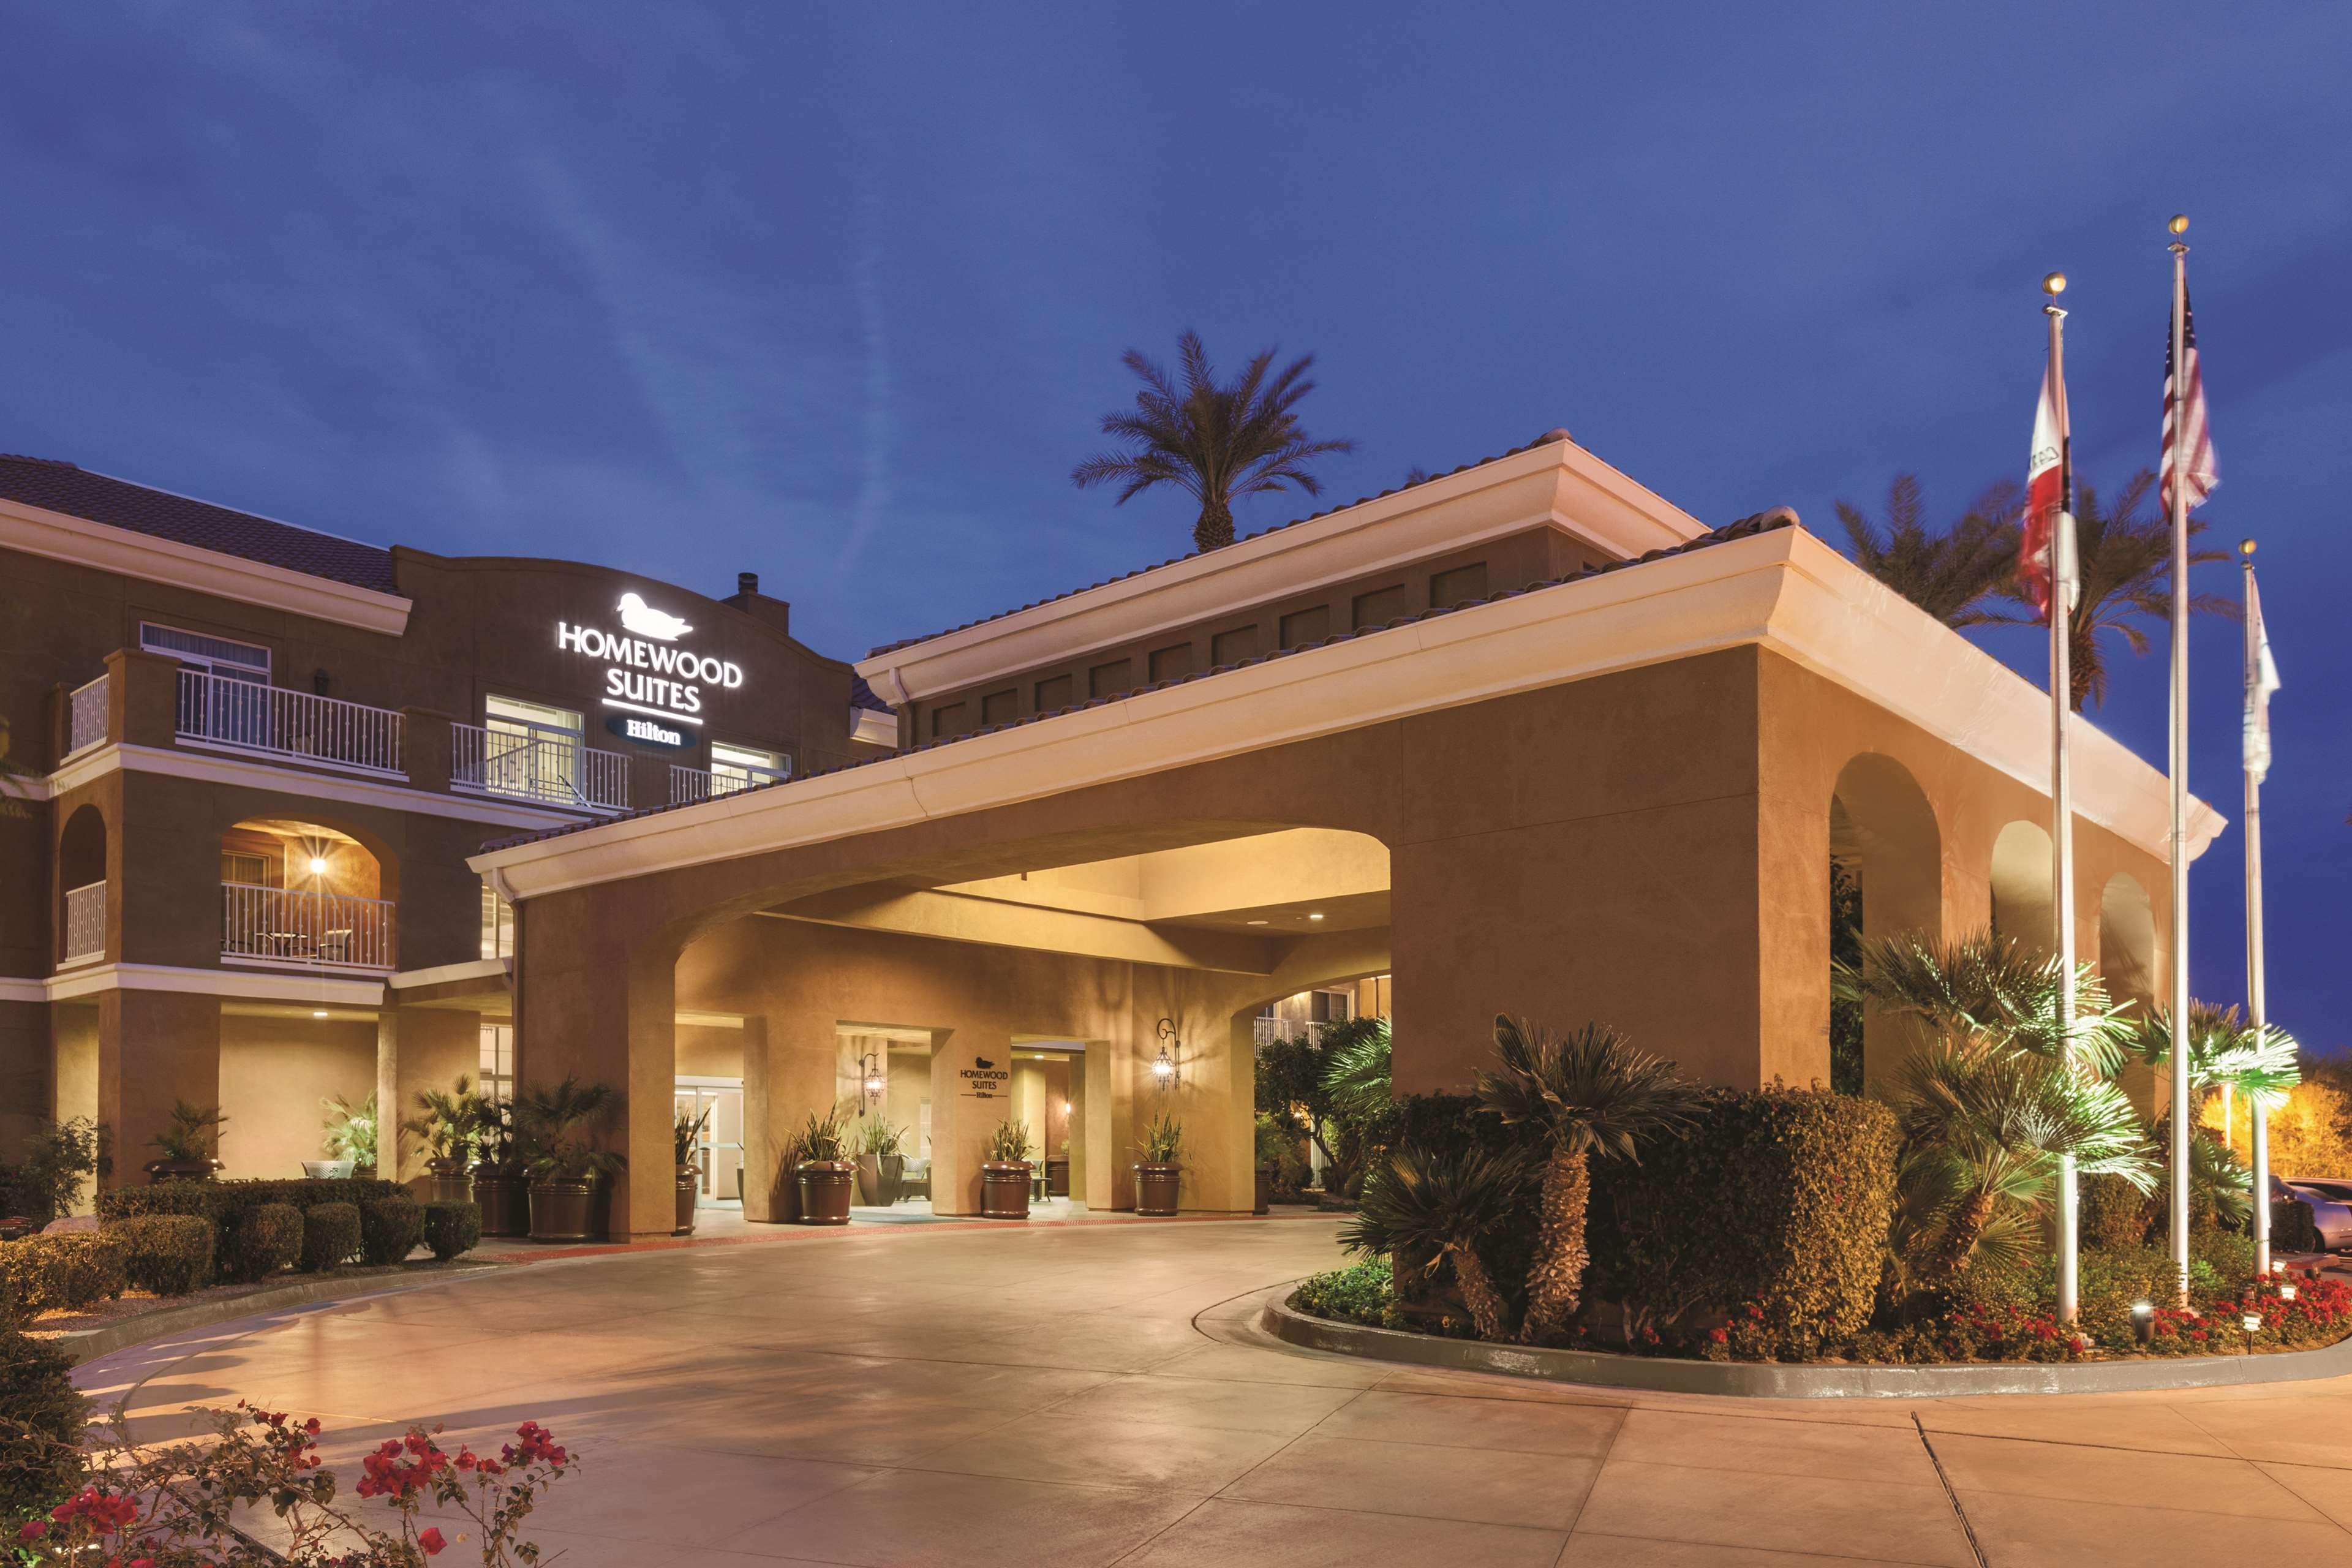 Homewood Suites by Hilton La Quinta image 1